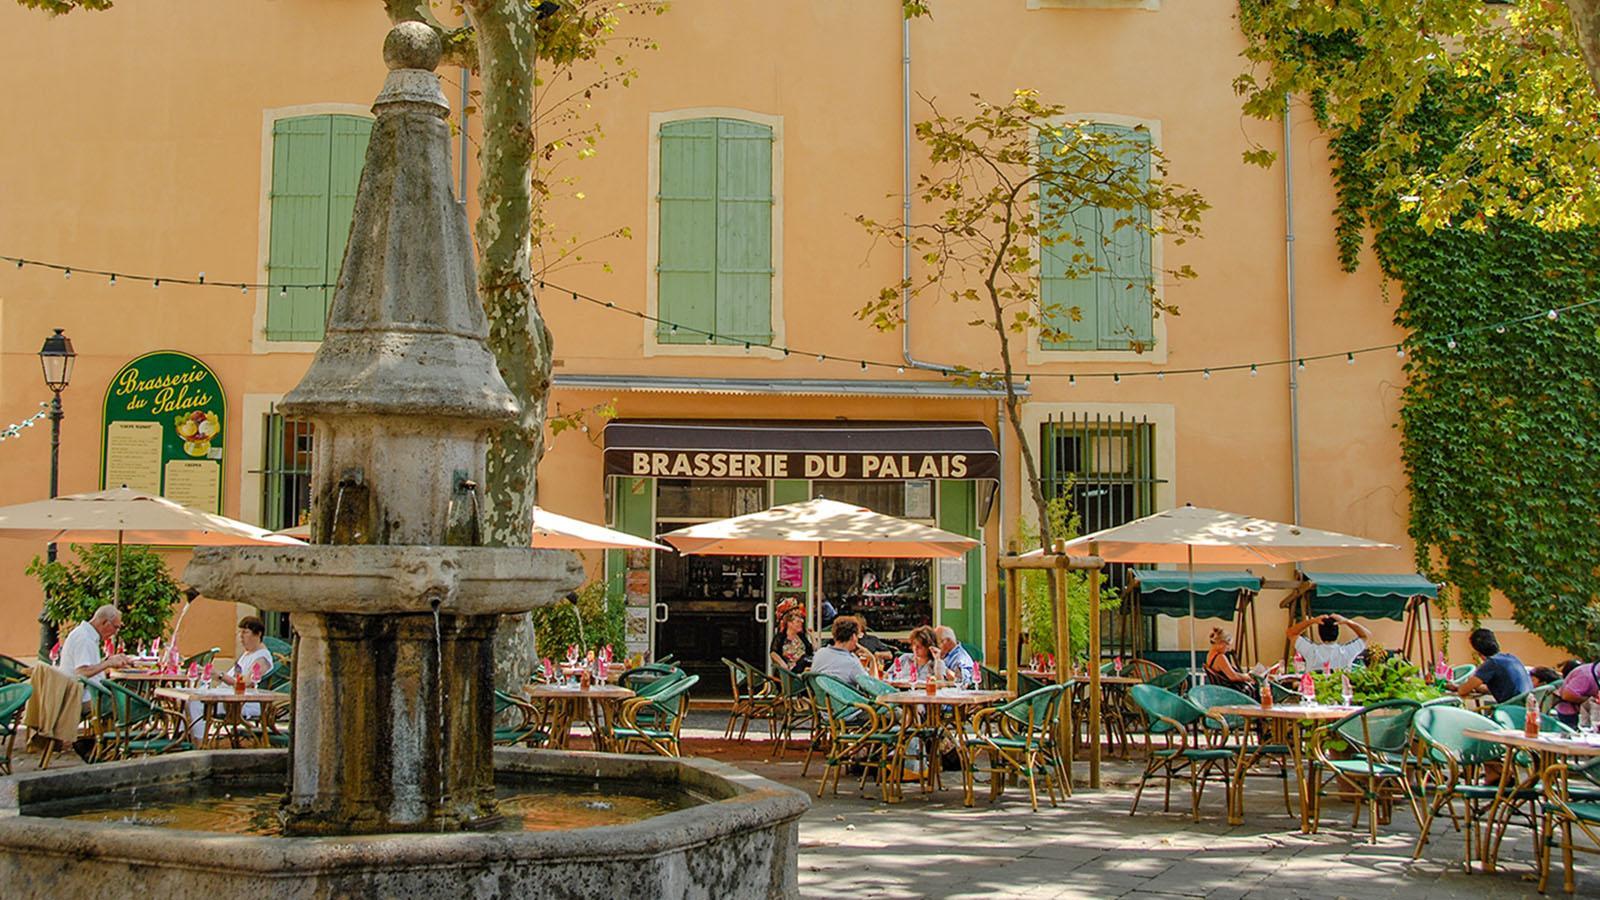 Béziers: die Brasserie du Palais bei der Kathedrale. Foto: Hilke Maunder